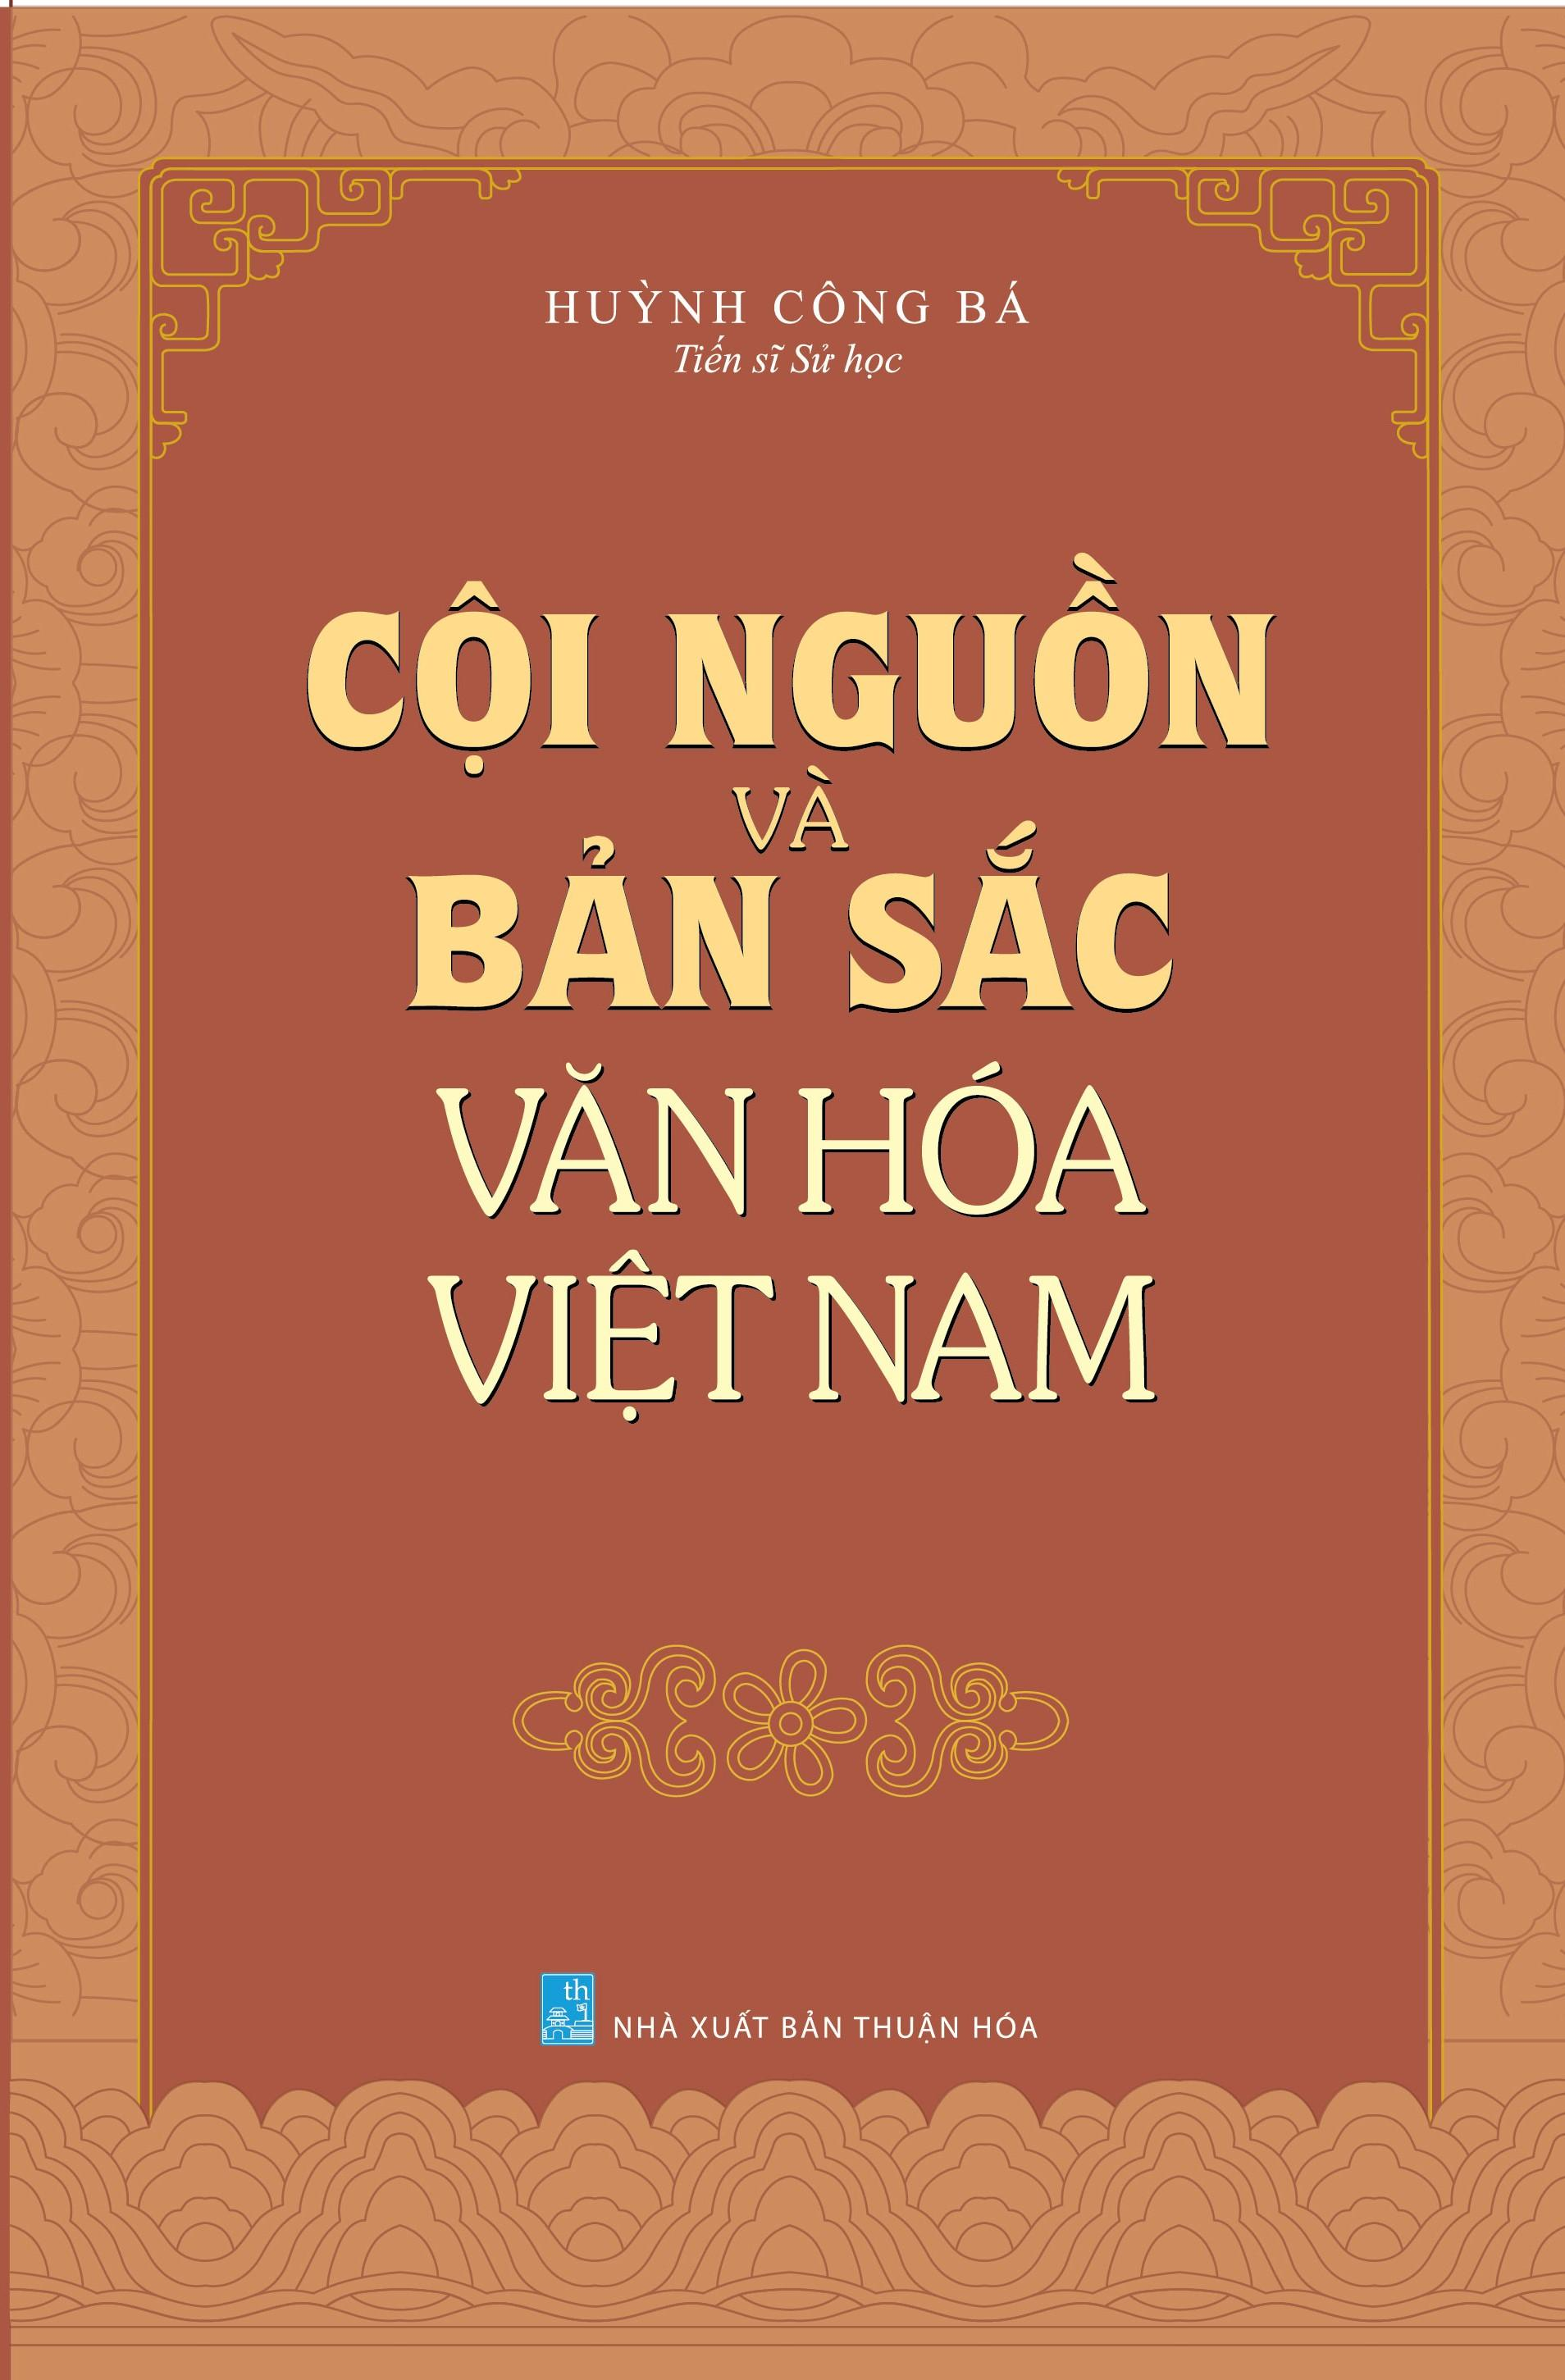 Mua Cội Nguồn Và Bản Sắc Văn Hóa Việt Nam